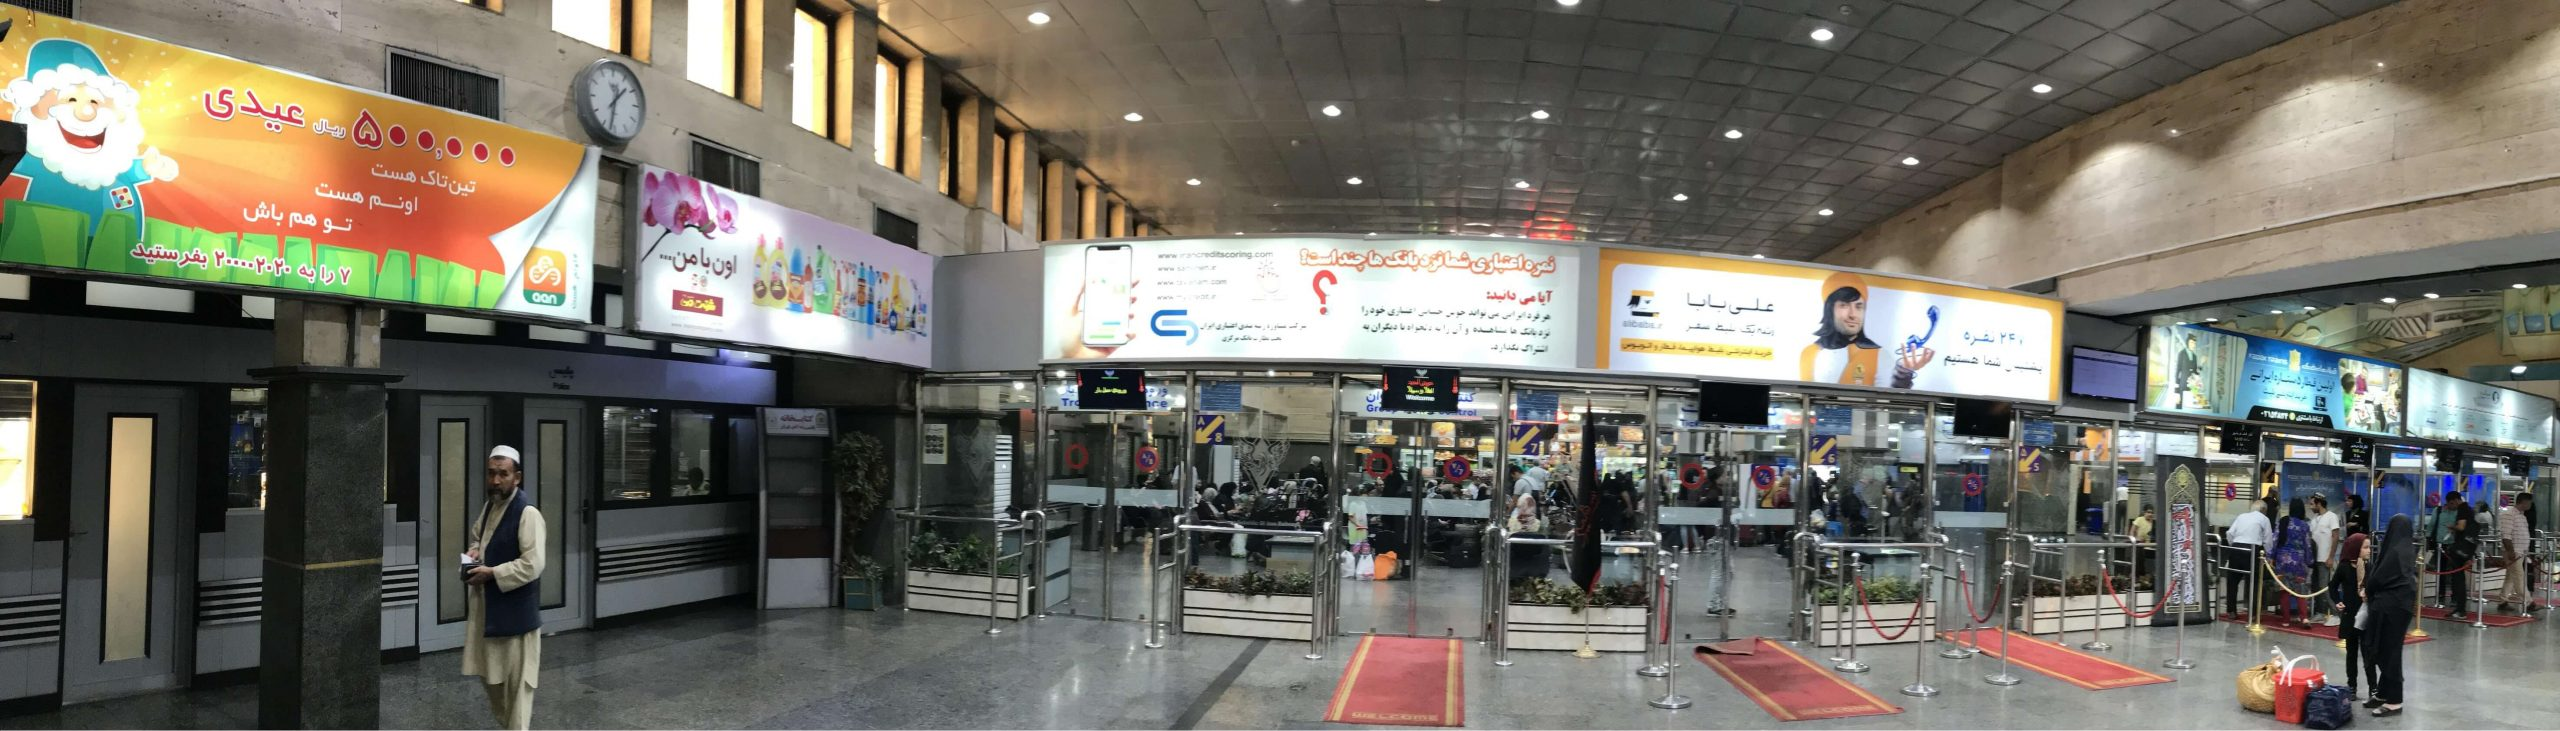 سالن ترانزیت ایستگاه راه آهن تهران